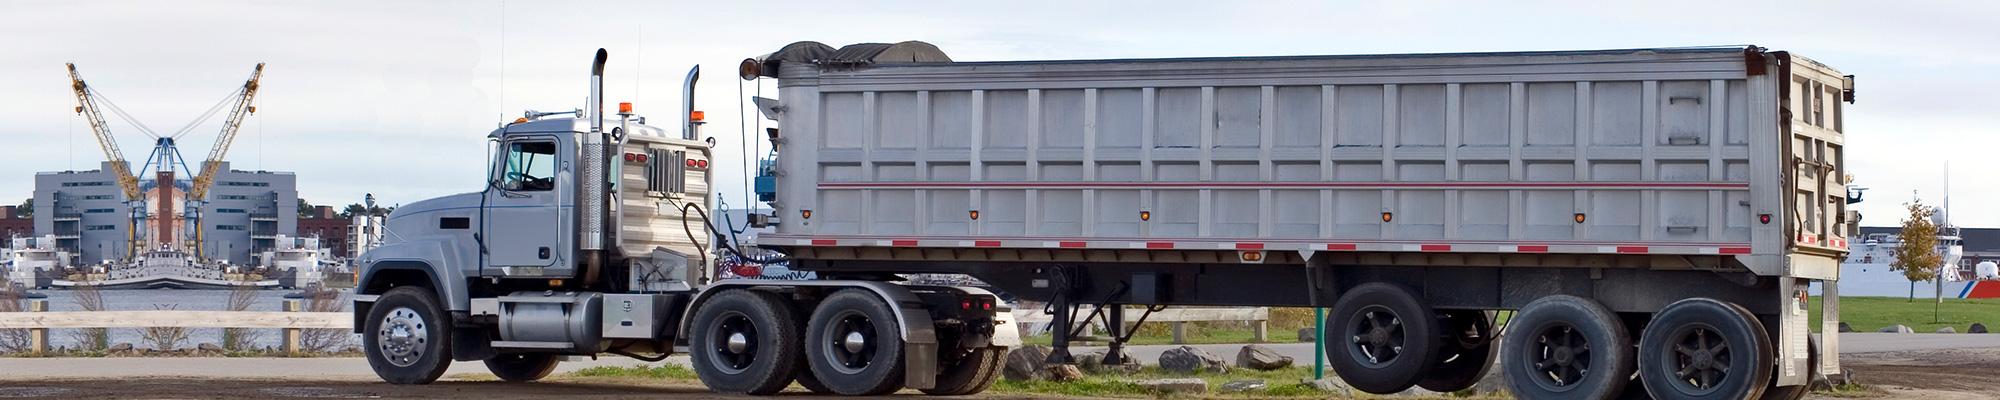 Heavy Duty Truck & Semi Repair